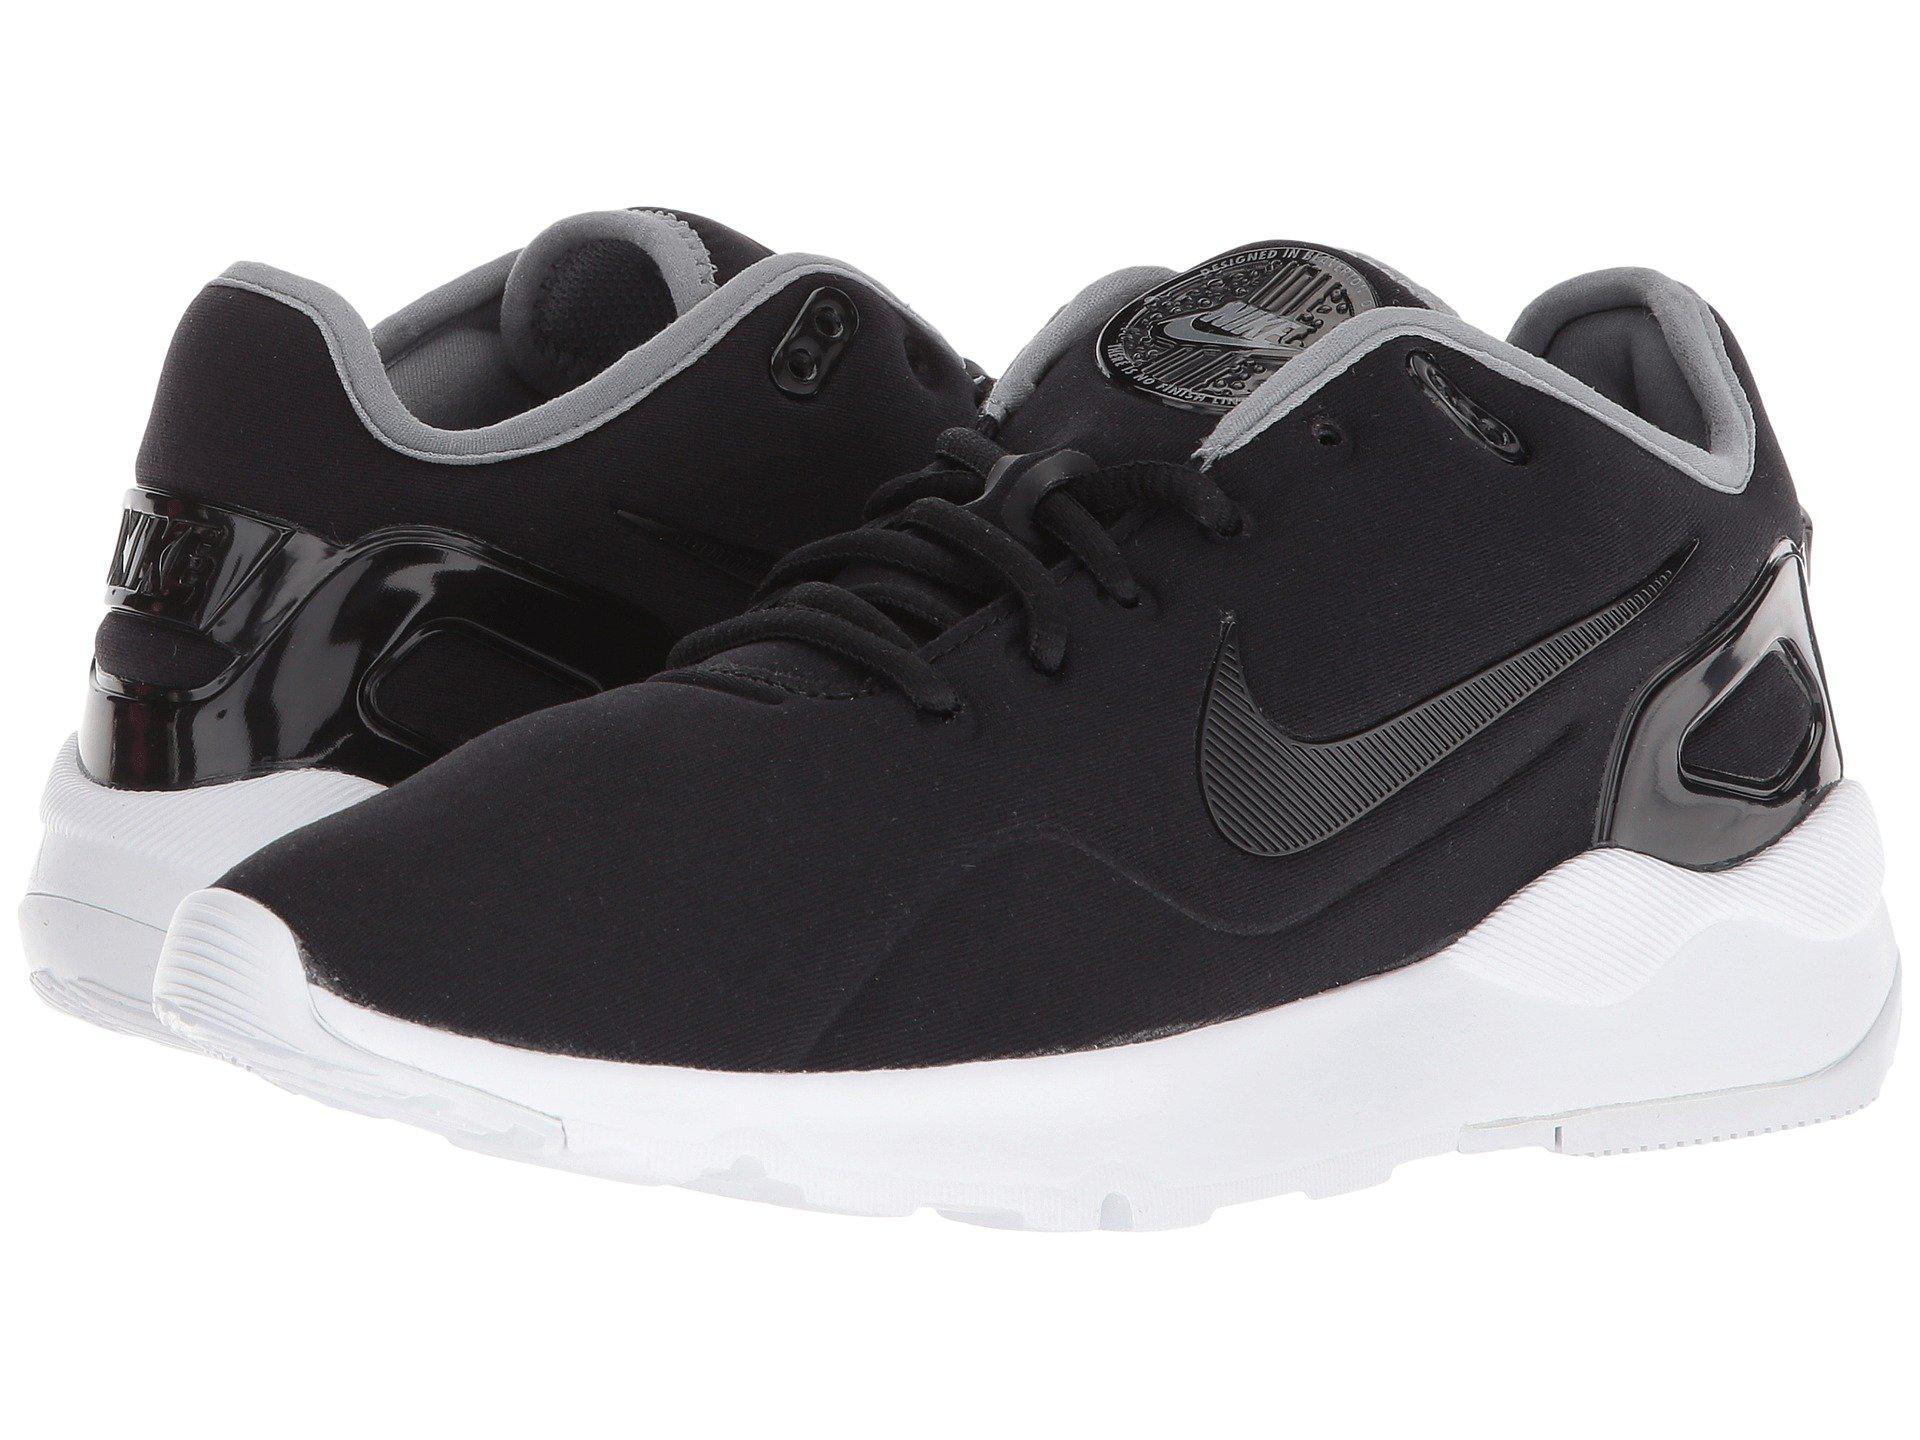 sale retailer 9a714 06d48 Nike. Women s Black Ld Runner Lw